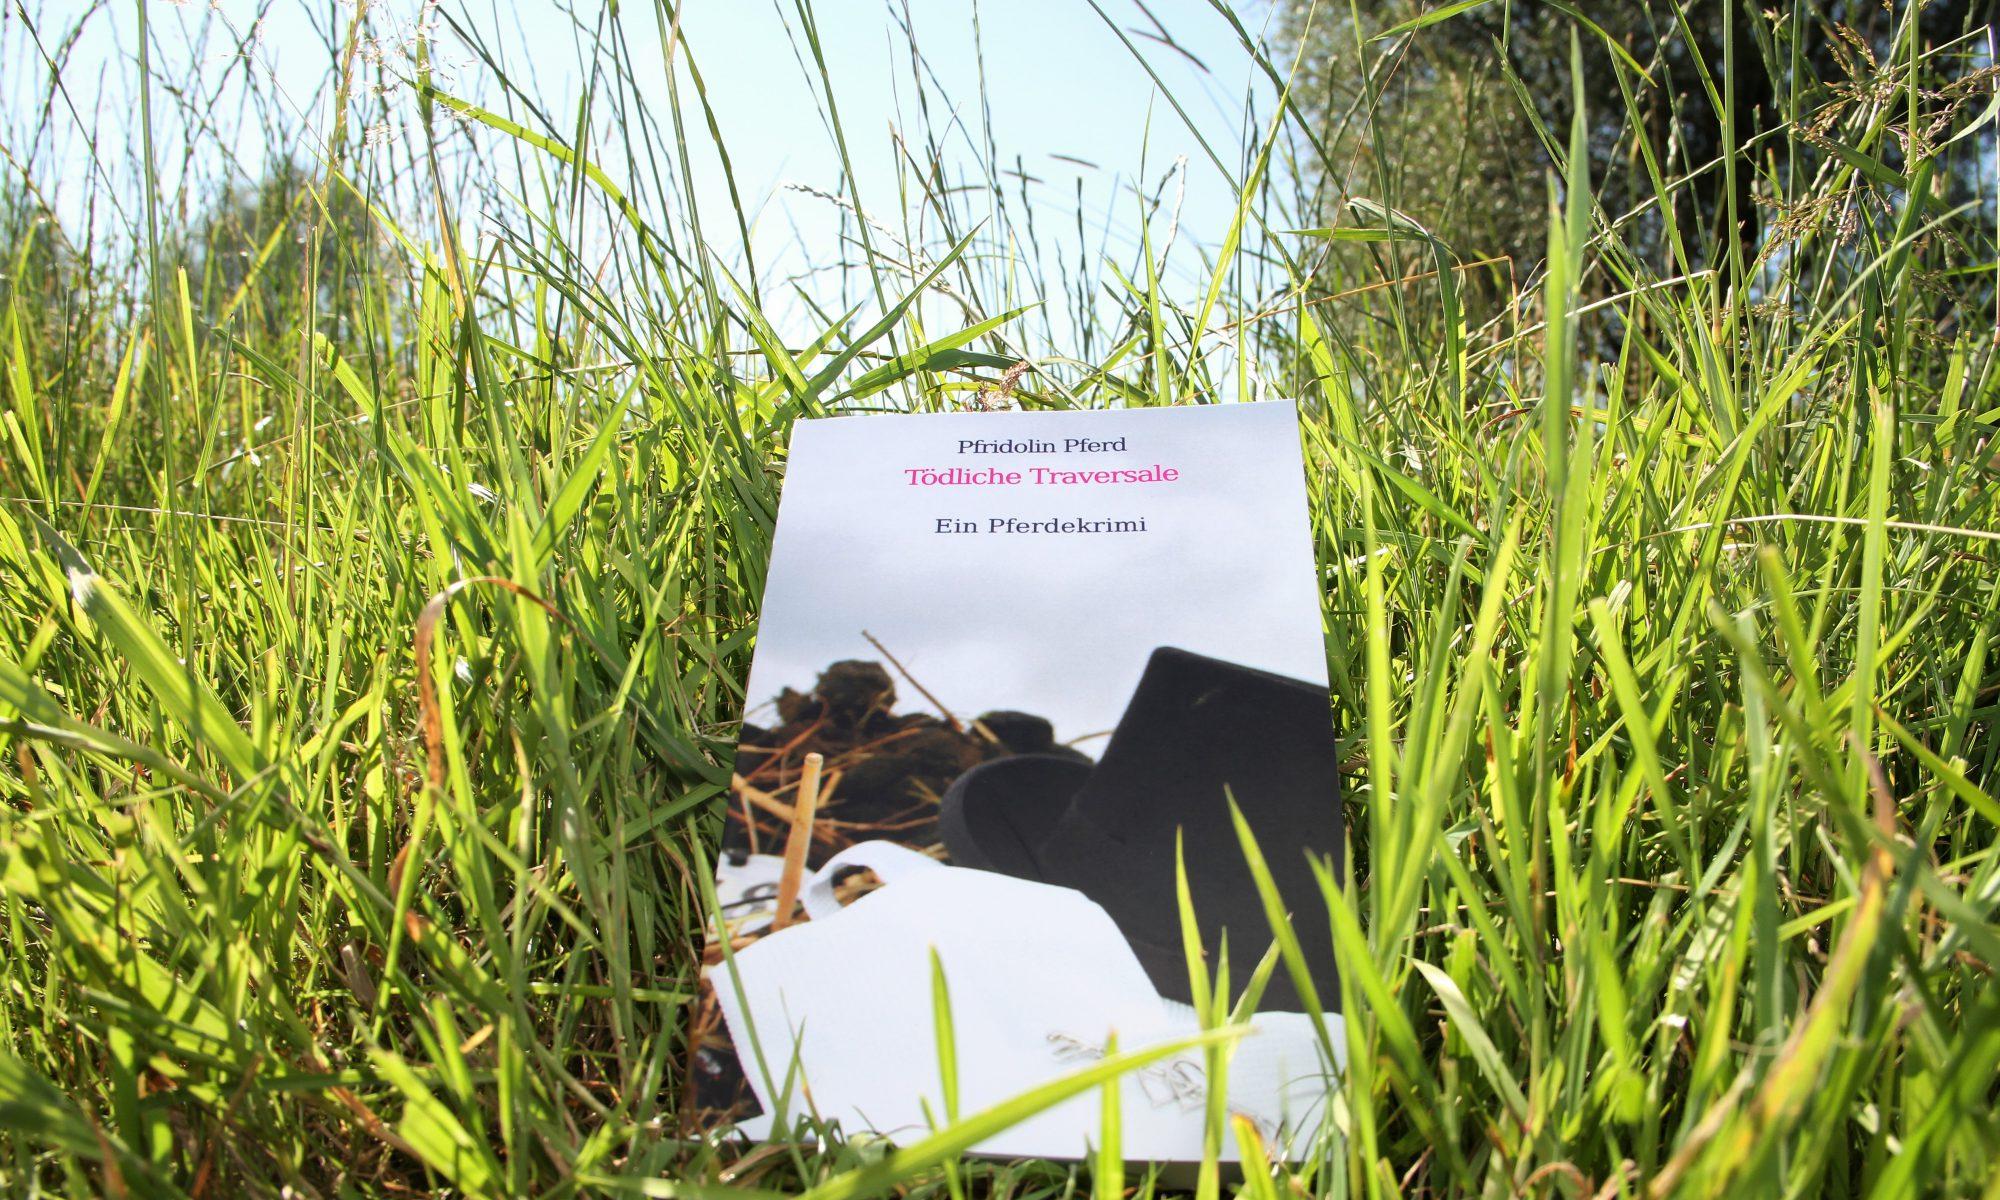 Das Buch Tödliche Traversale liegt im Gras.